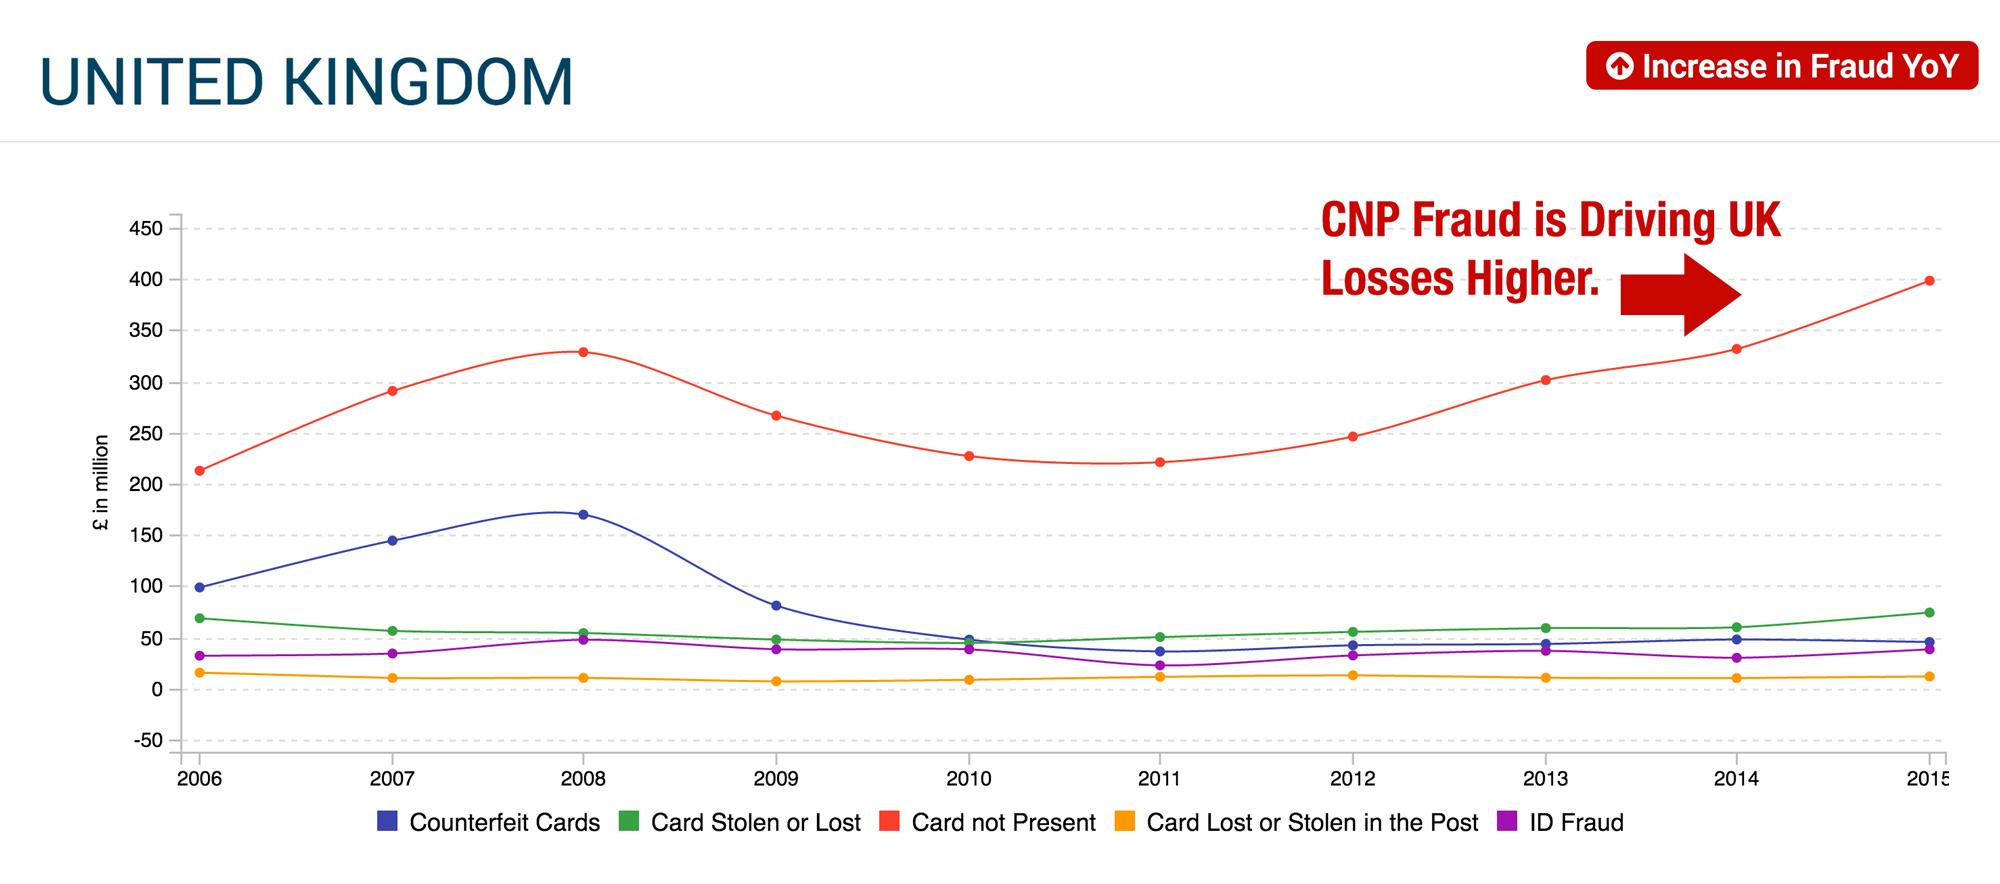 uk-fraud-losses